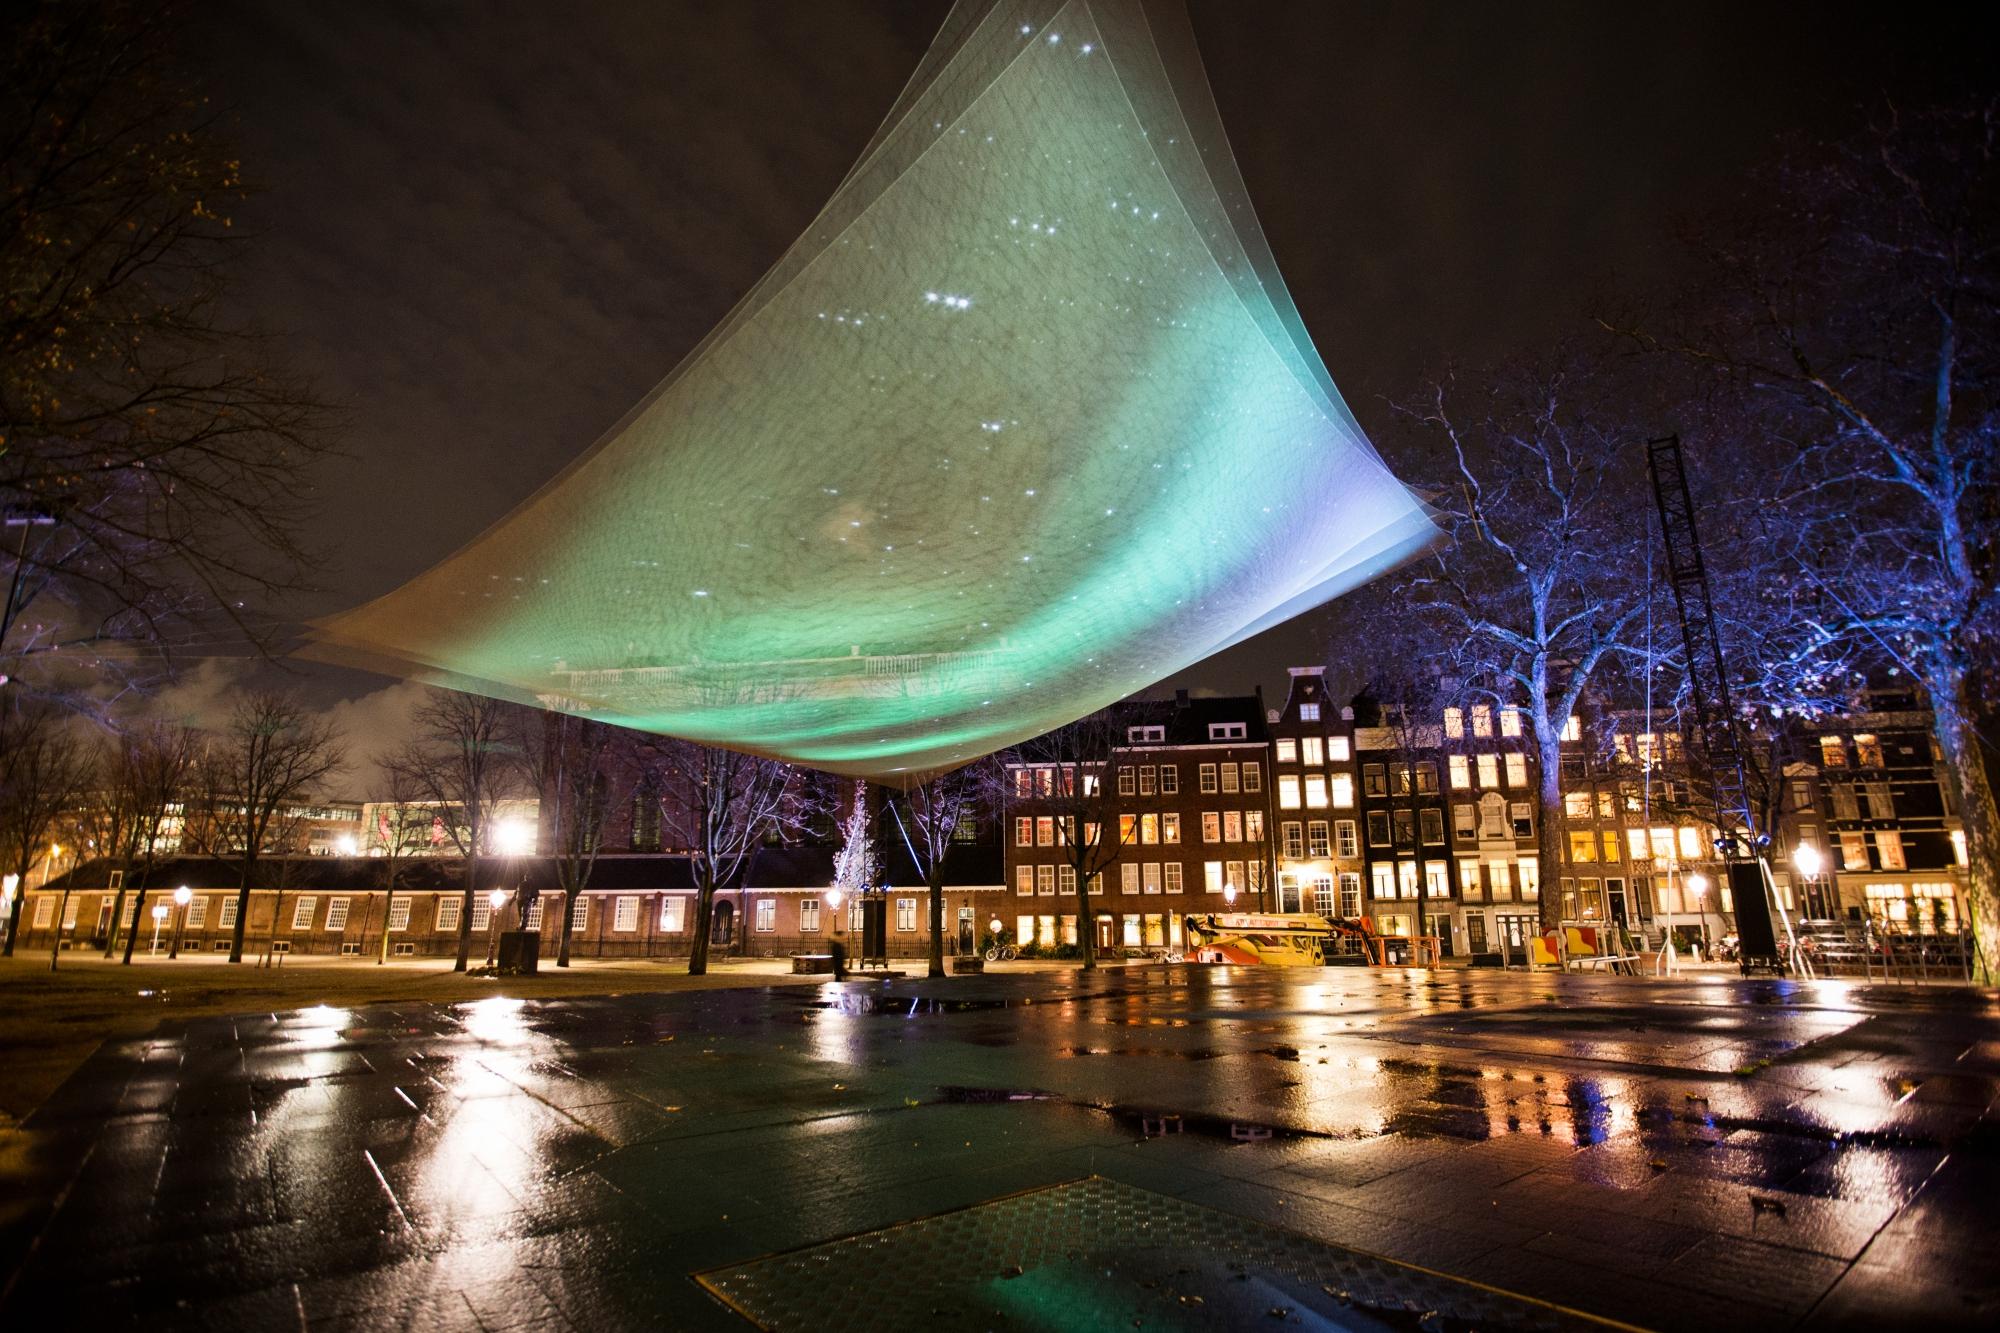 Zobacz Festiwal Światła w Amsterdamie